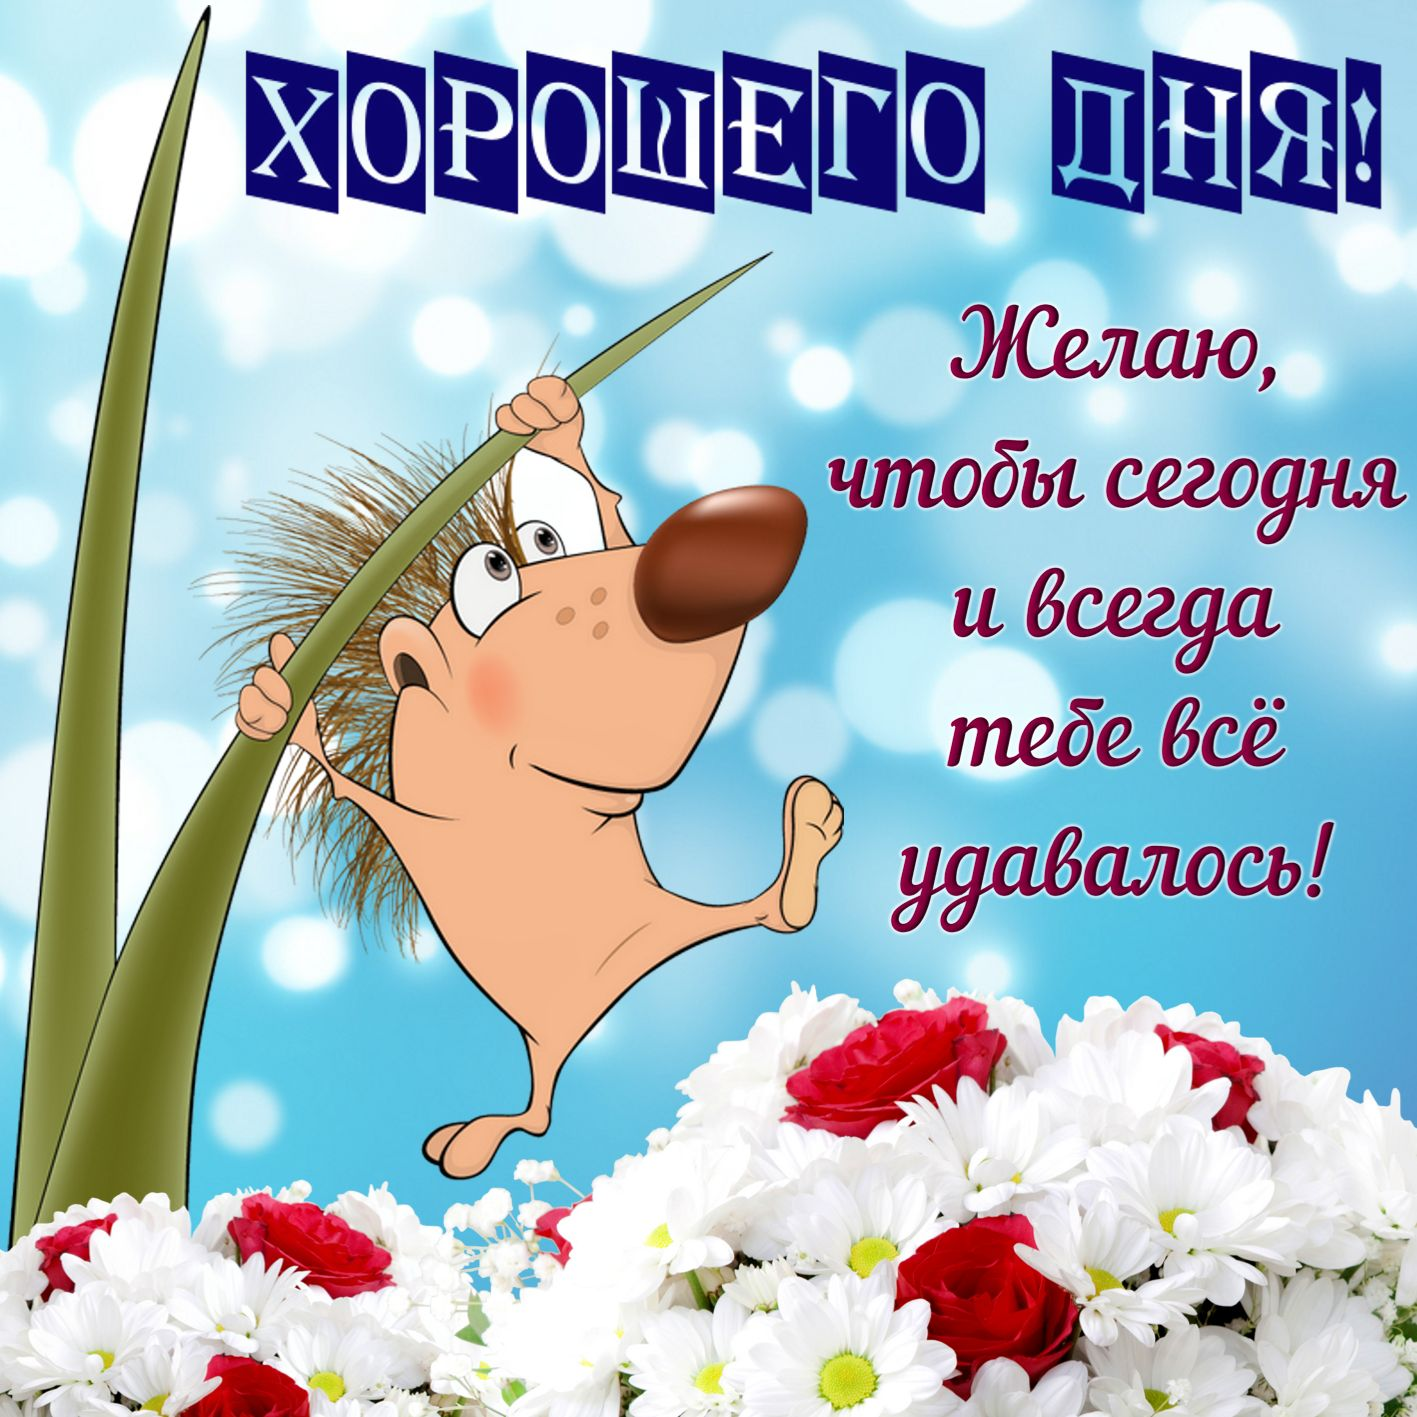 Красивые поздравления с хорошим днем